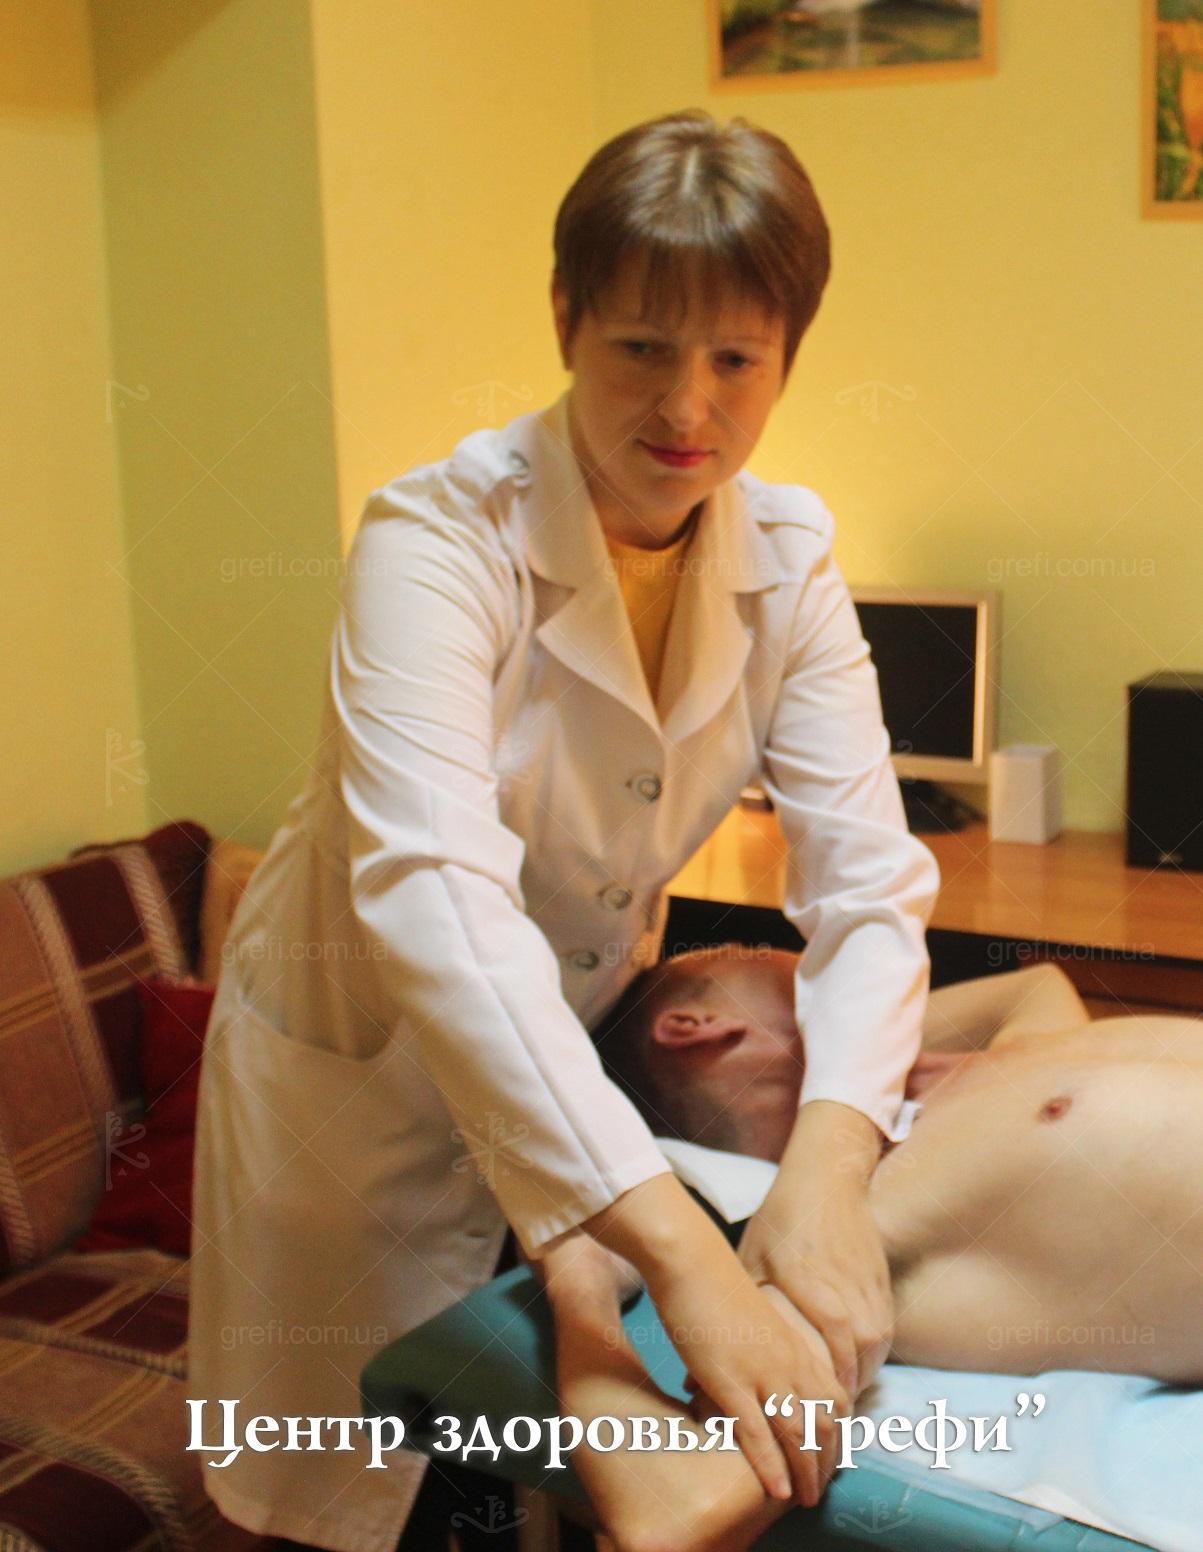 Массажист Центра здоровья Грефи Калиниченко Дарья Владимировна. Лечебный, восстановительный, лимфодренажный, антицеллюлитный, комплексный, эстетический, нейроседативный массаж в Запорожье.